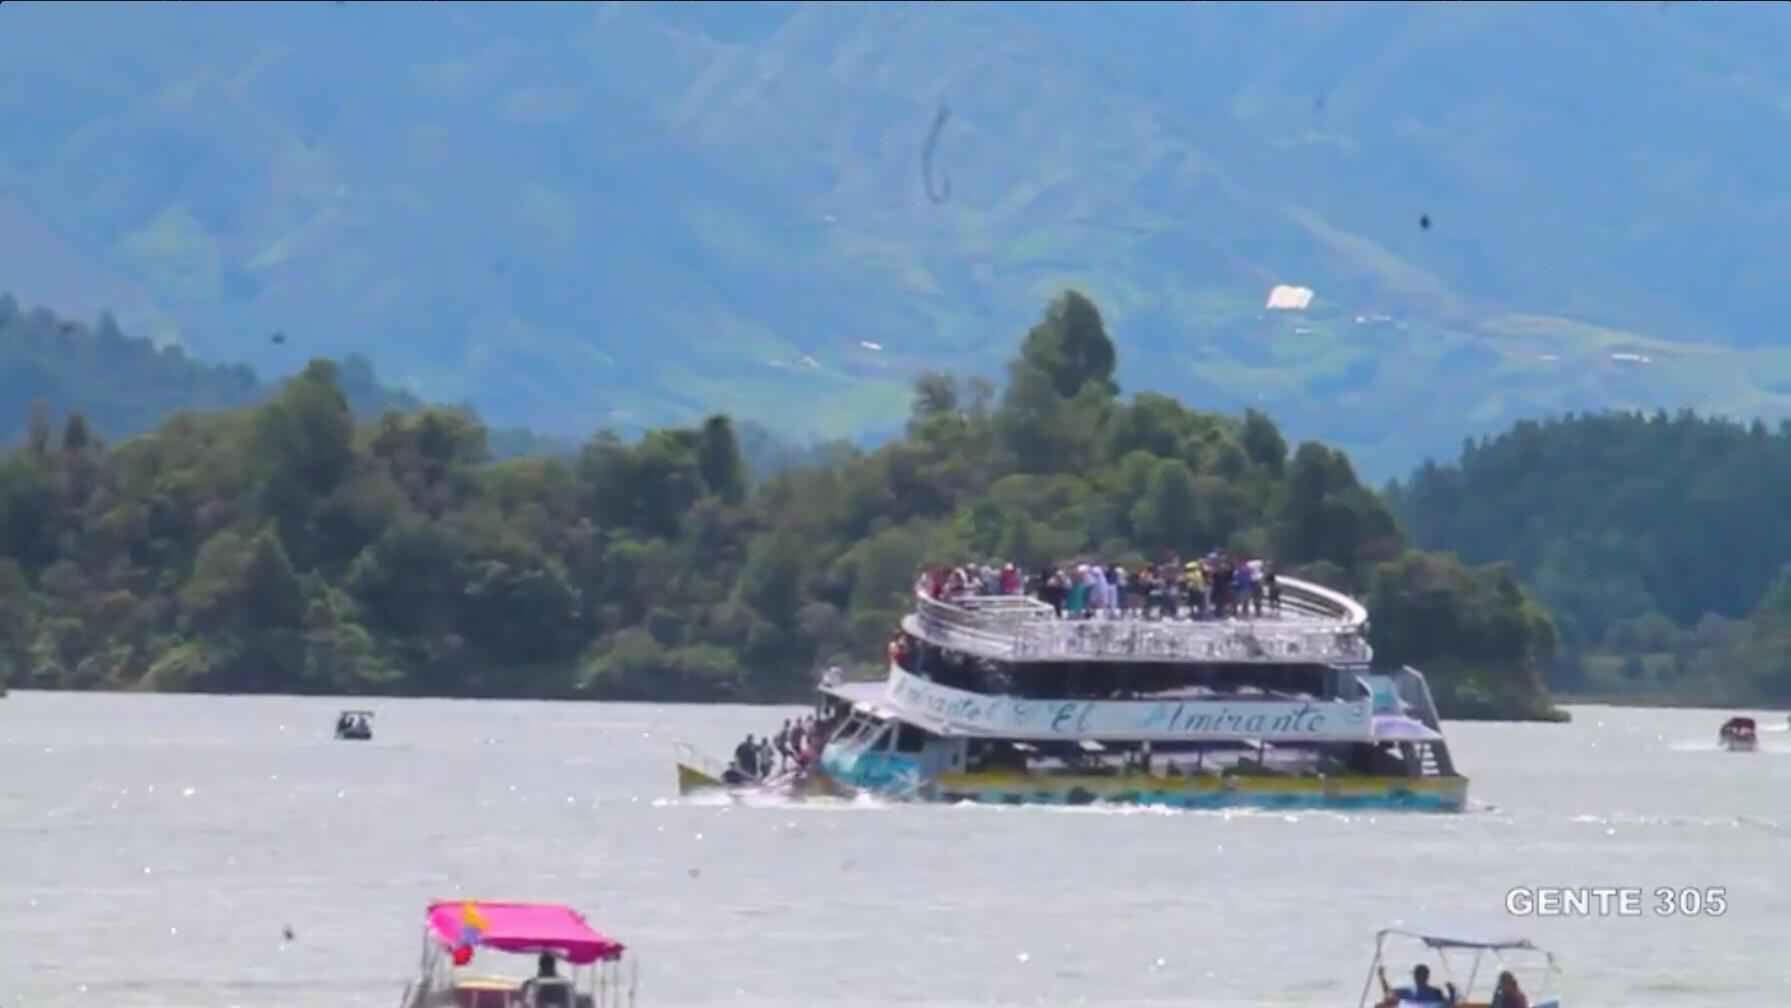 Uma embarcação transportando quase 170 pessoas naufragou na represa El Peñol de Guatapé, na Colômbia, em 25 de junho de 2017